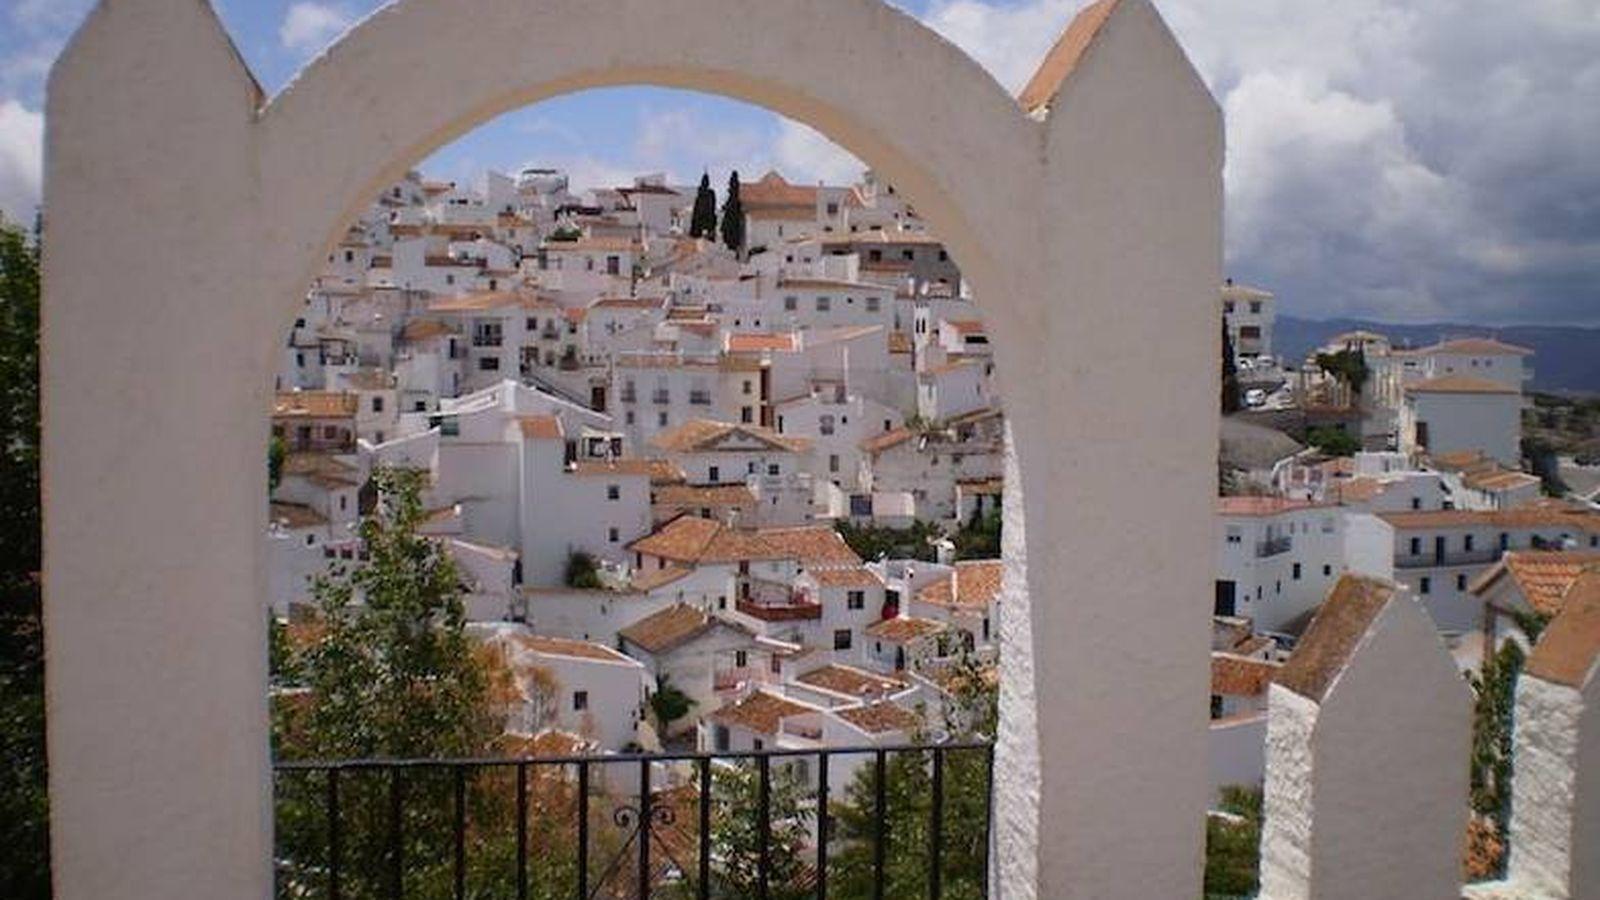 Foto: Comares, un pueblo blanquísimo en la Axarquía. (Cortesía Turismo Comares)